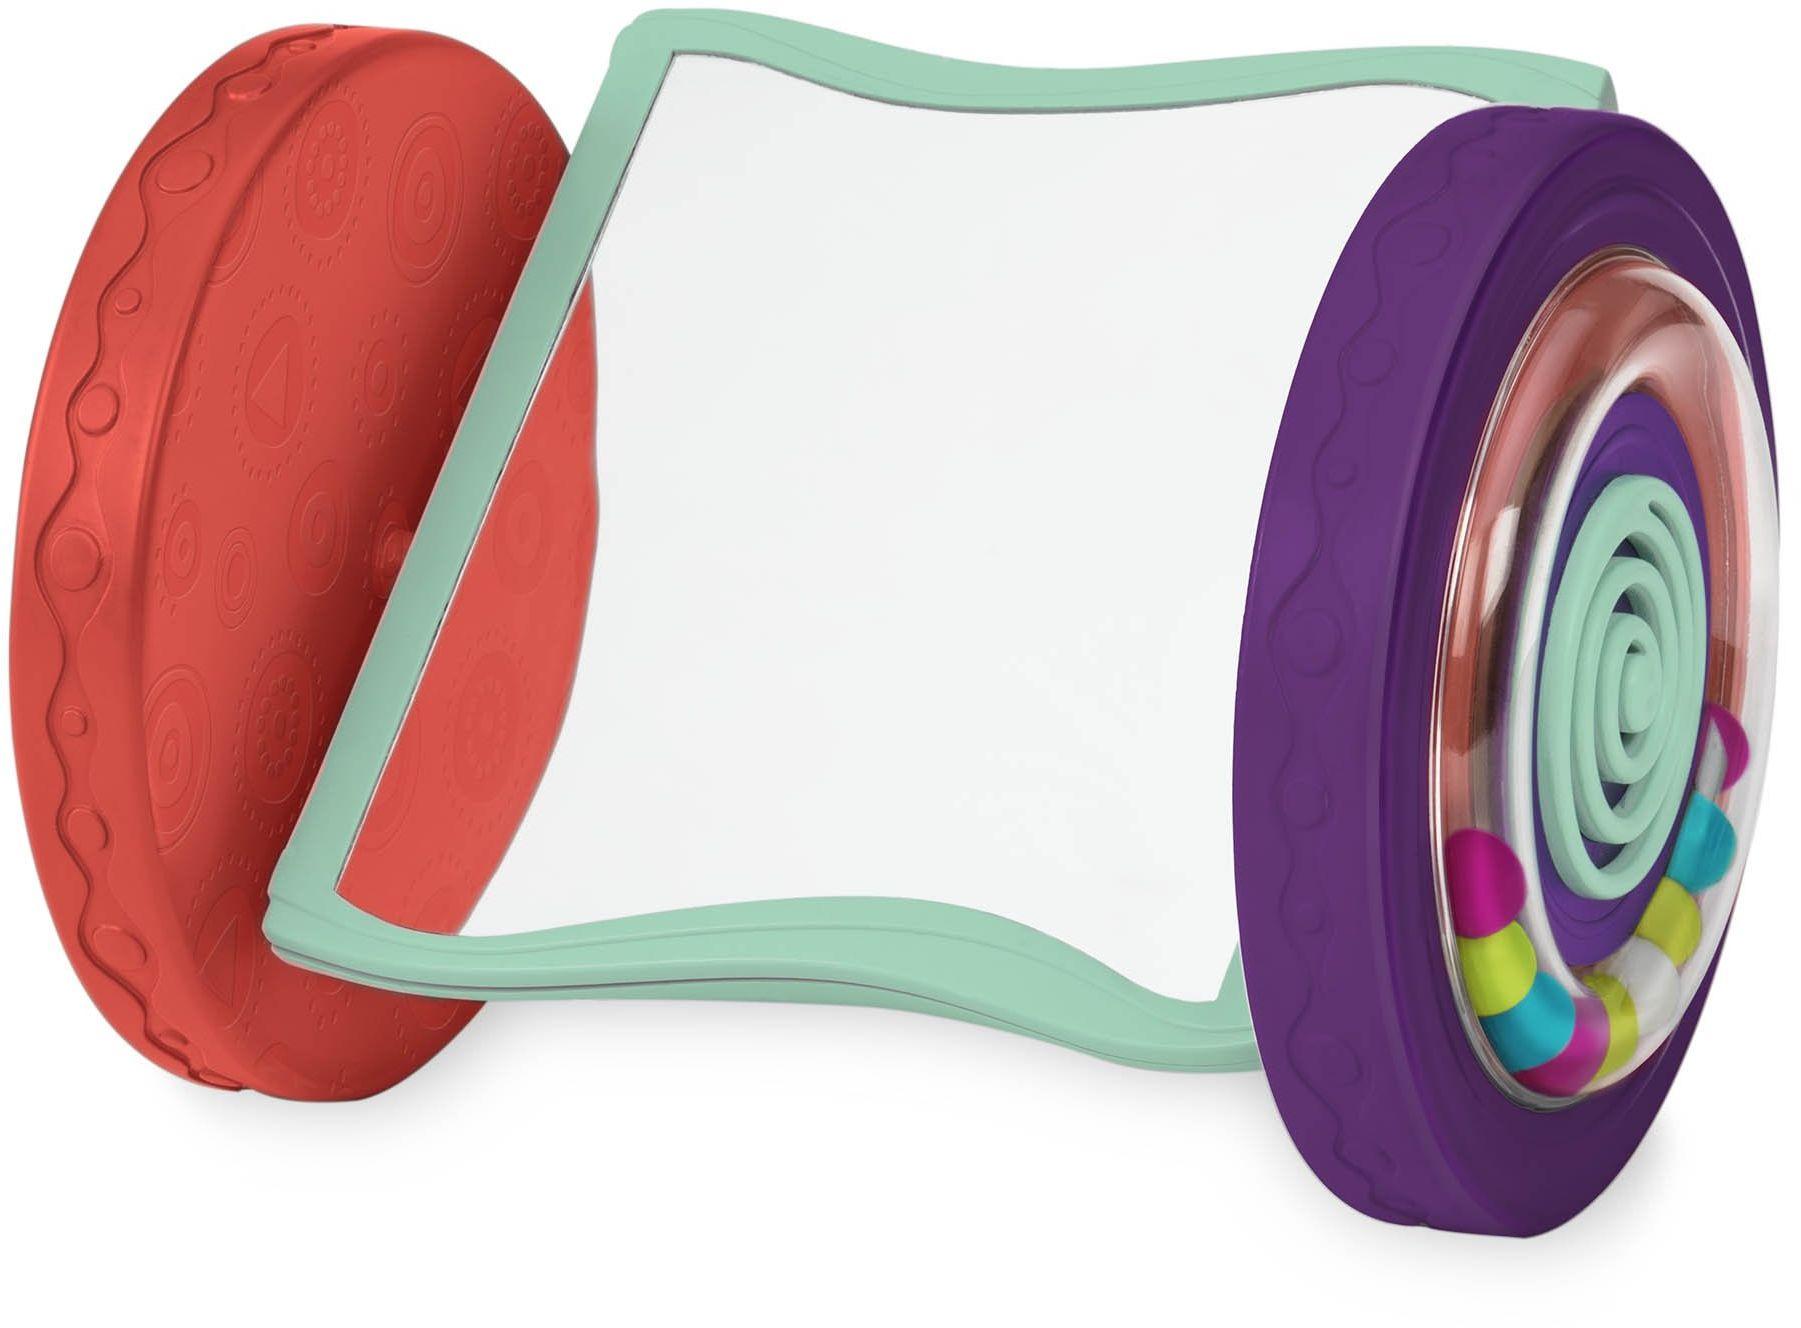 B. toys zabawka dla niemowląt  ruchome lustro  zabawka do raczkowania i zabawy na brzuchu, zabawka dla dzieci od 0 miesięcy, bez PCW i ftalanów